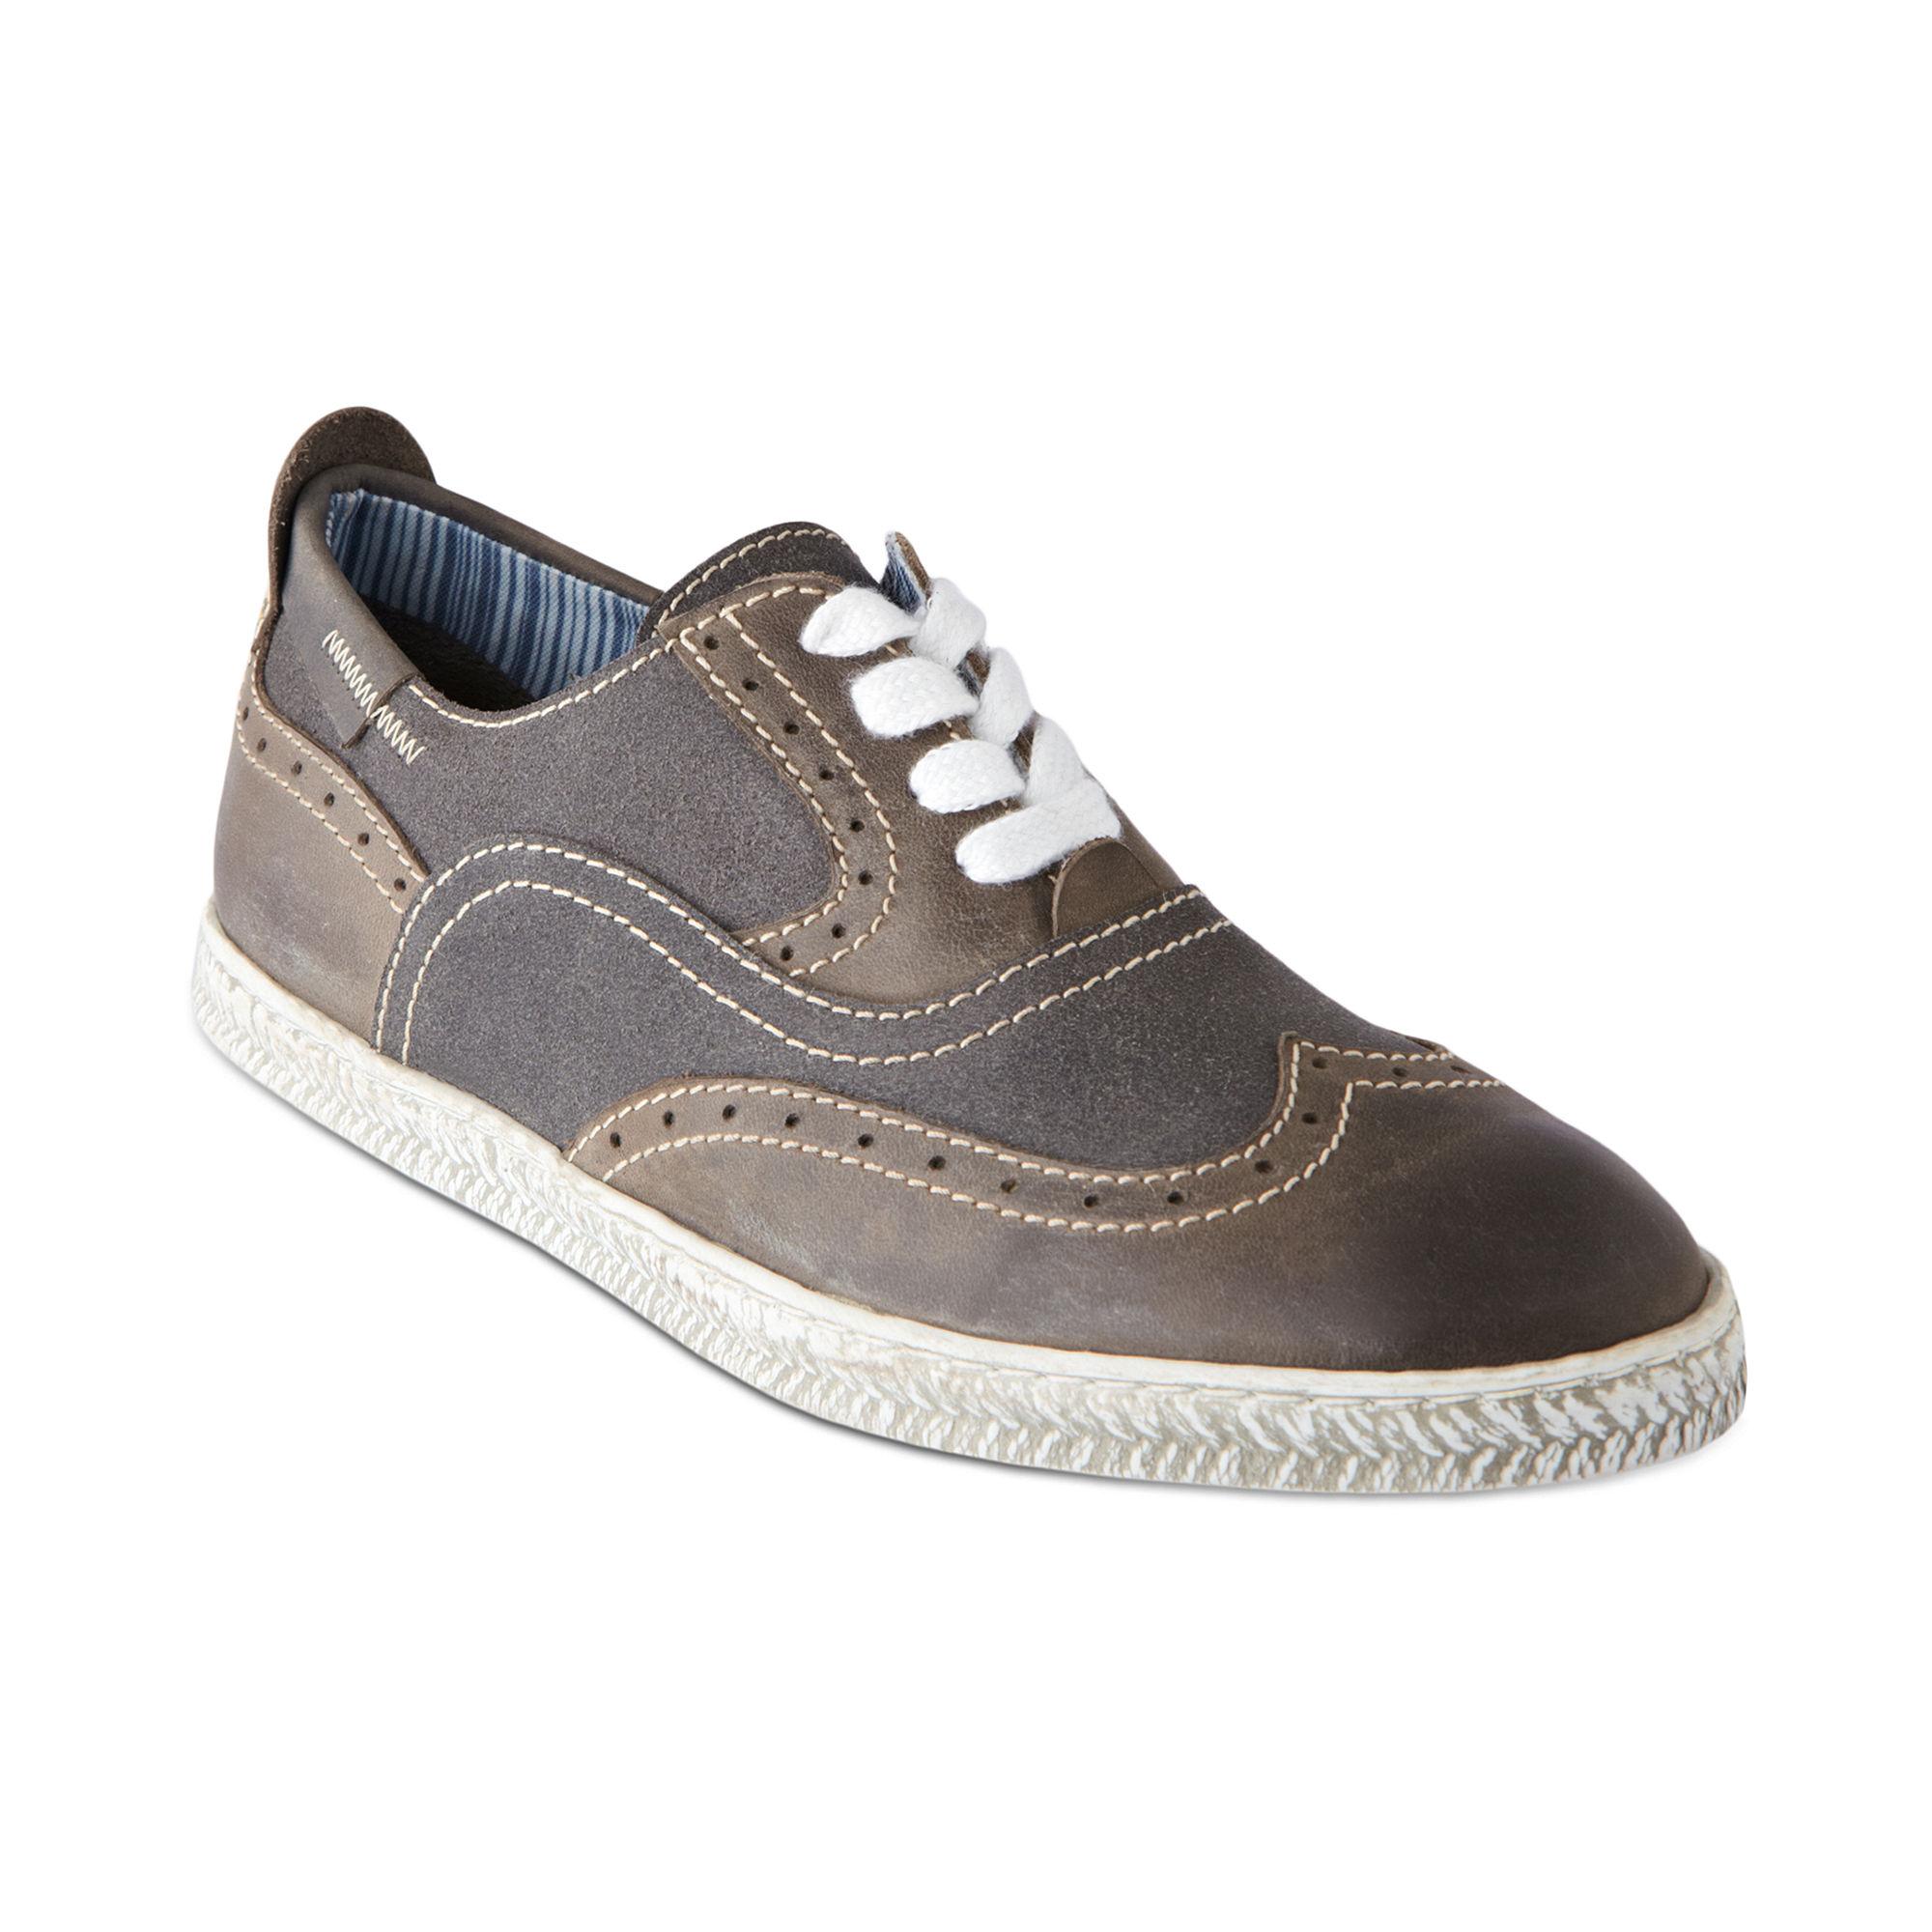 Lyst Steve Madden Henry Wingtip Sneakers In Gray For Men